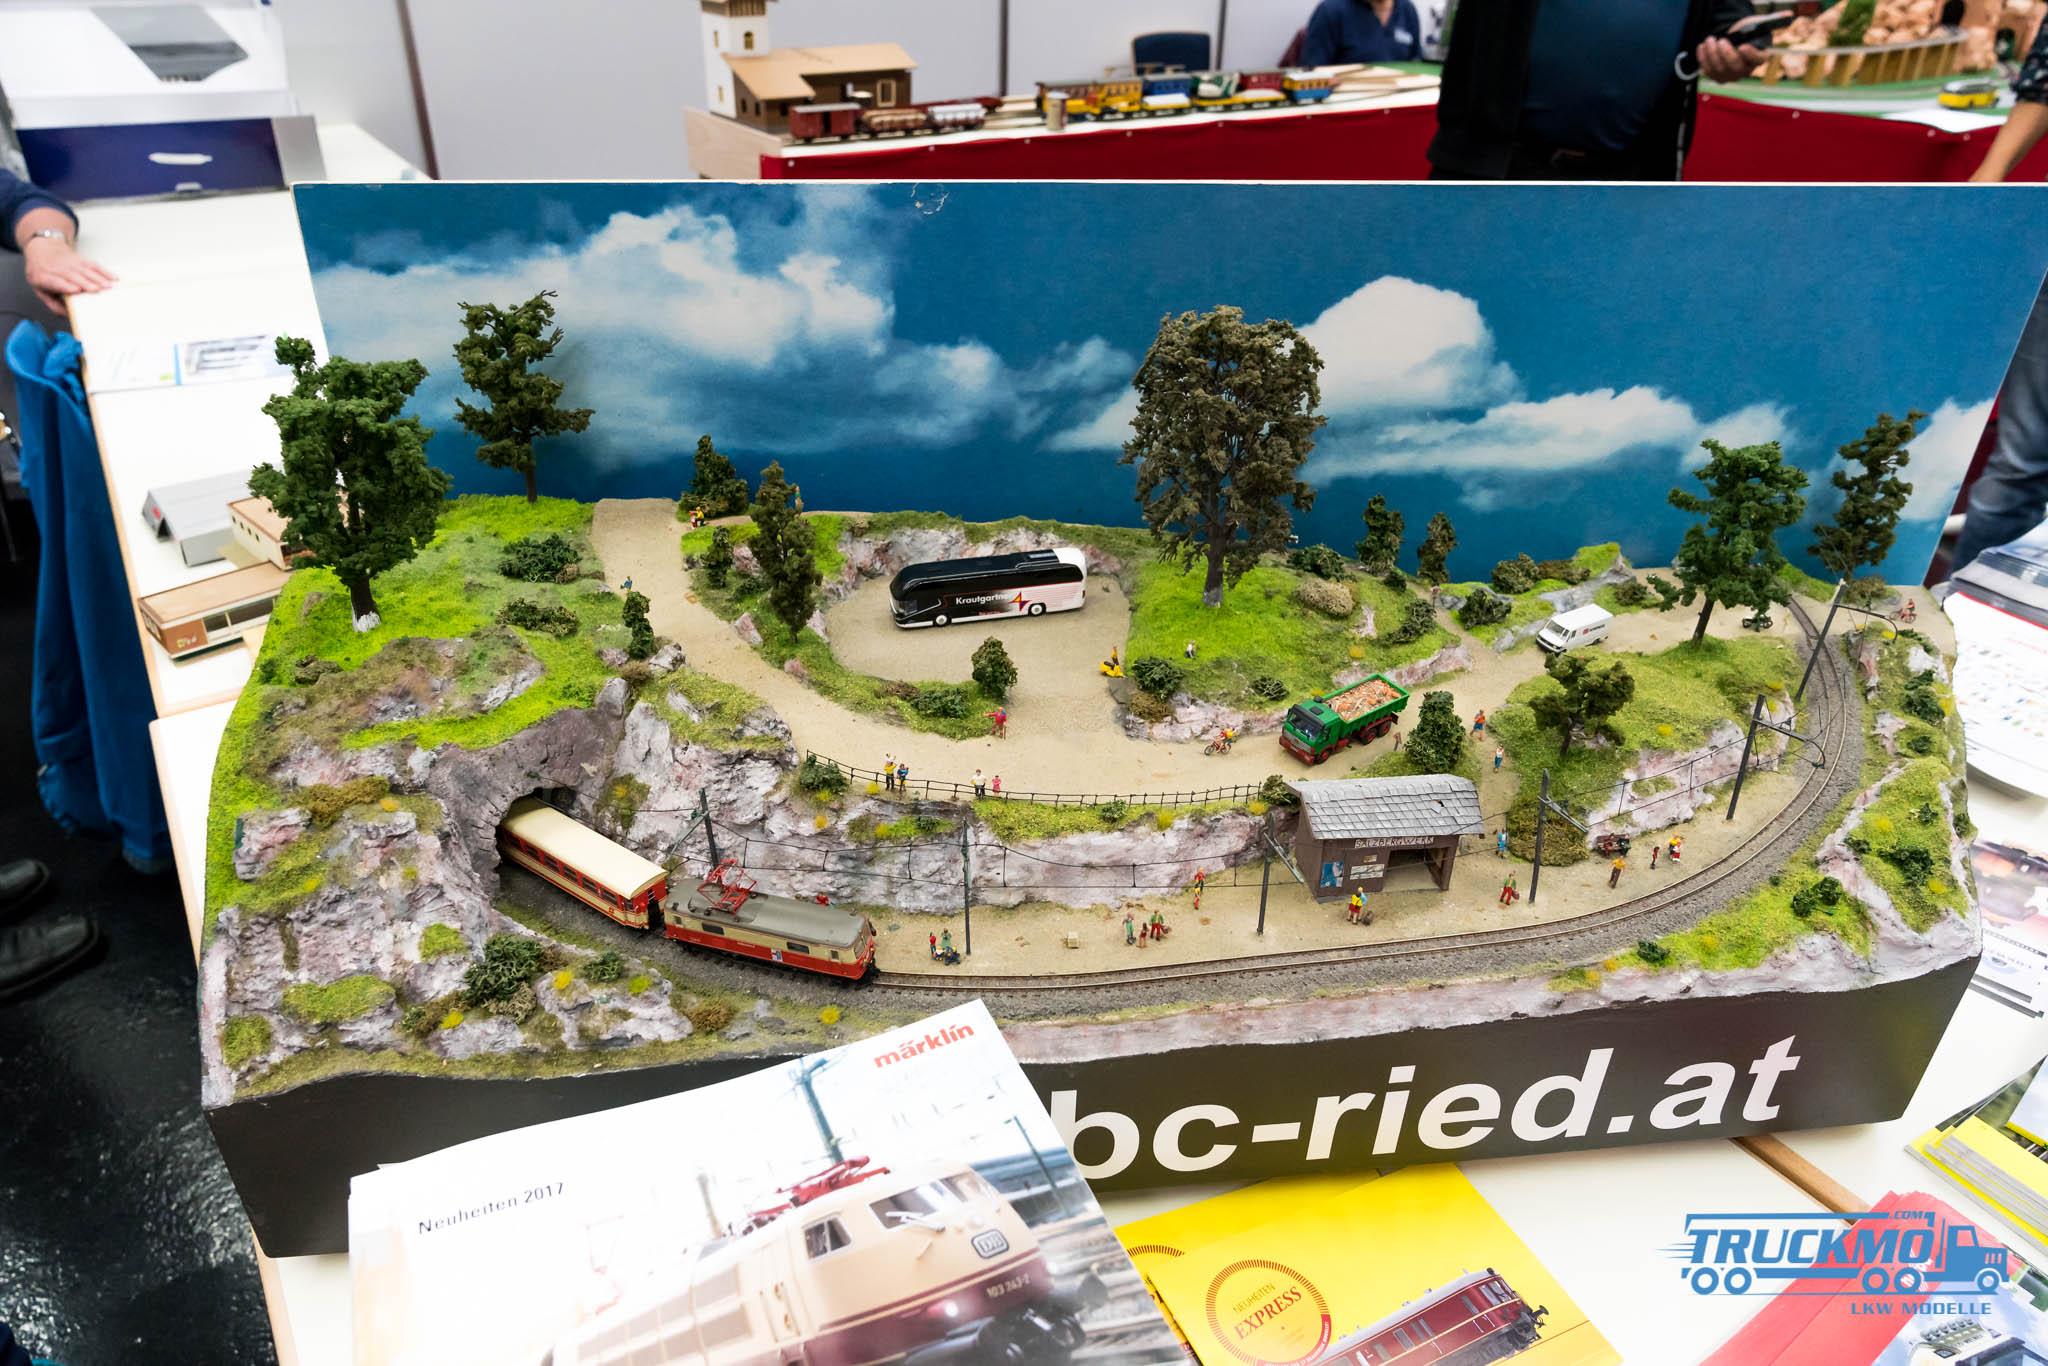 Truckmo_Modellbau_Ried_2017_Herpa_Messe_Modellbauausstellung (66 von 1177)